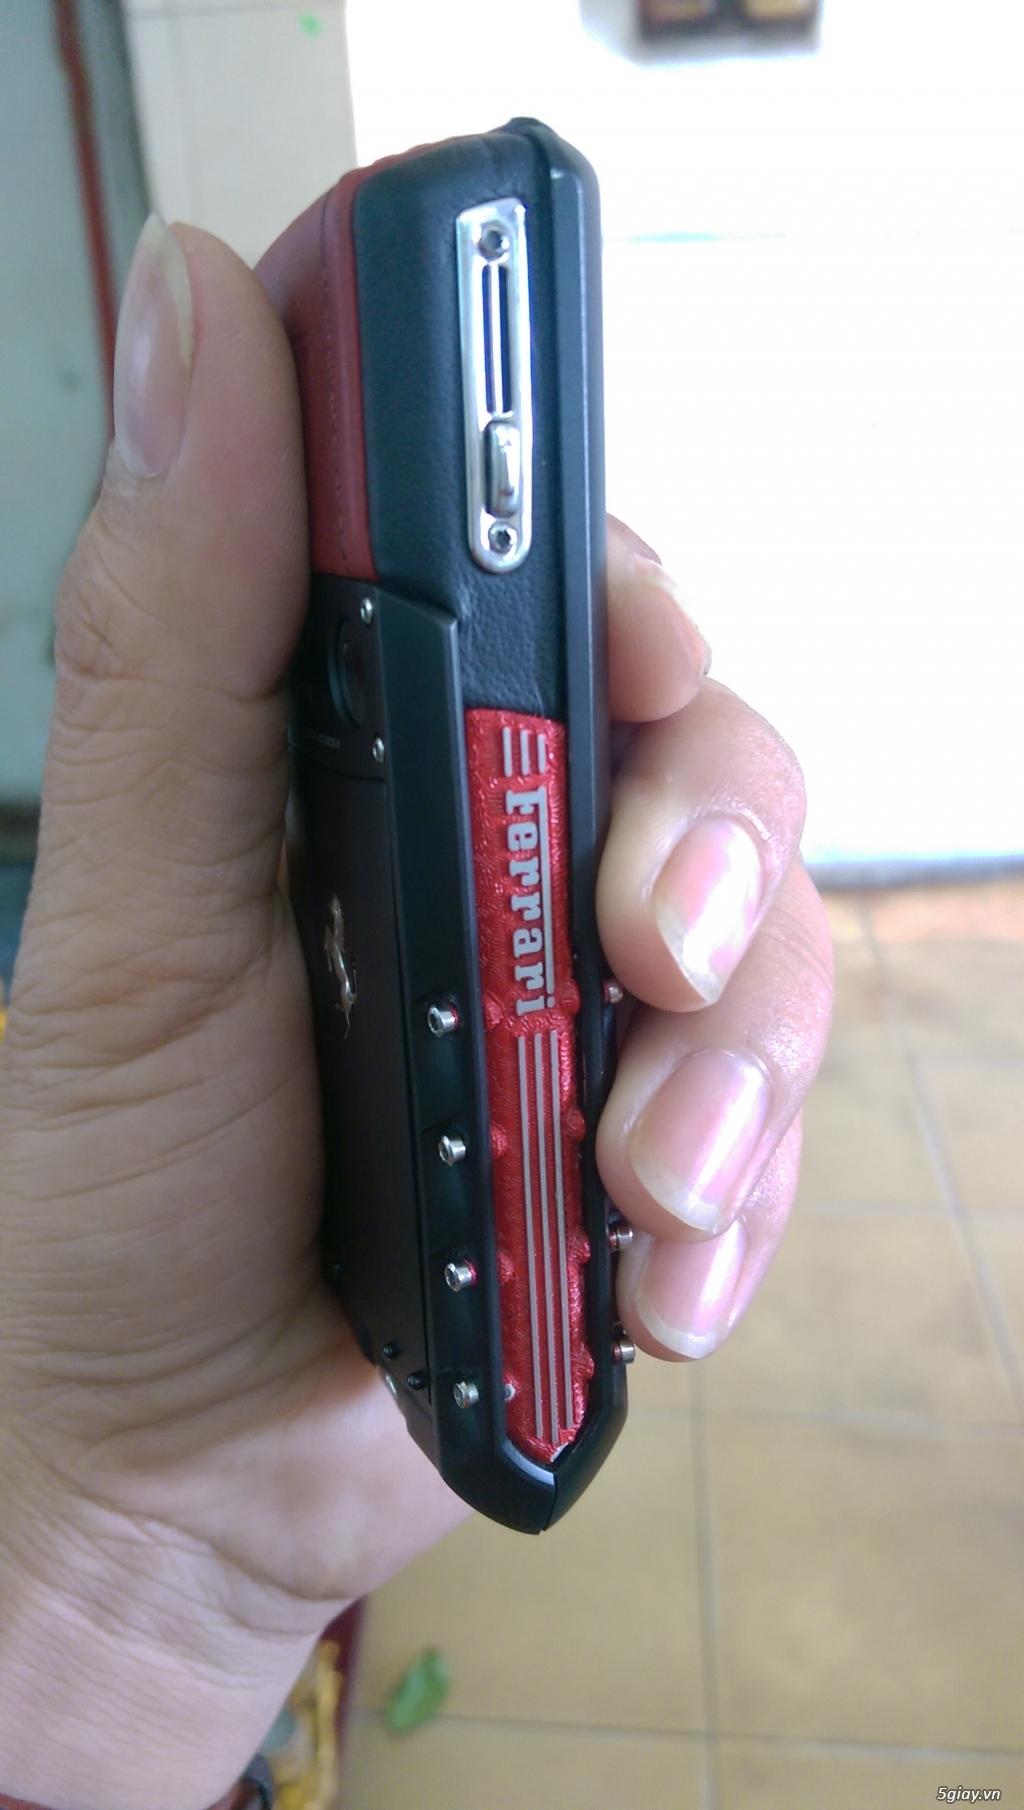 Nokia 8800,8600,6700... - 7